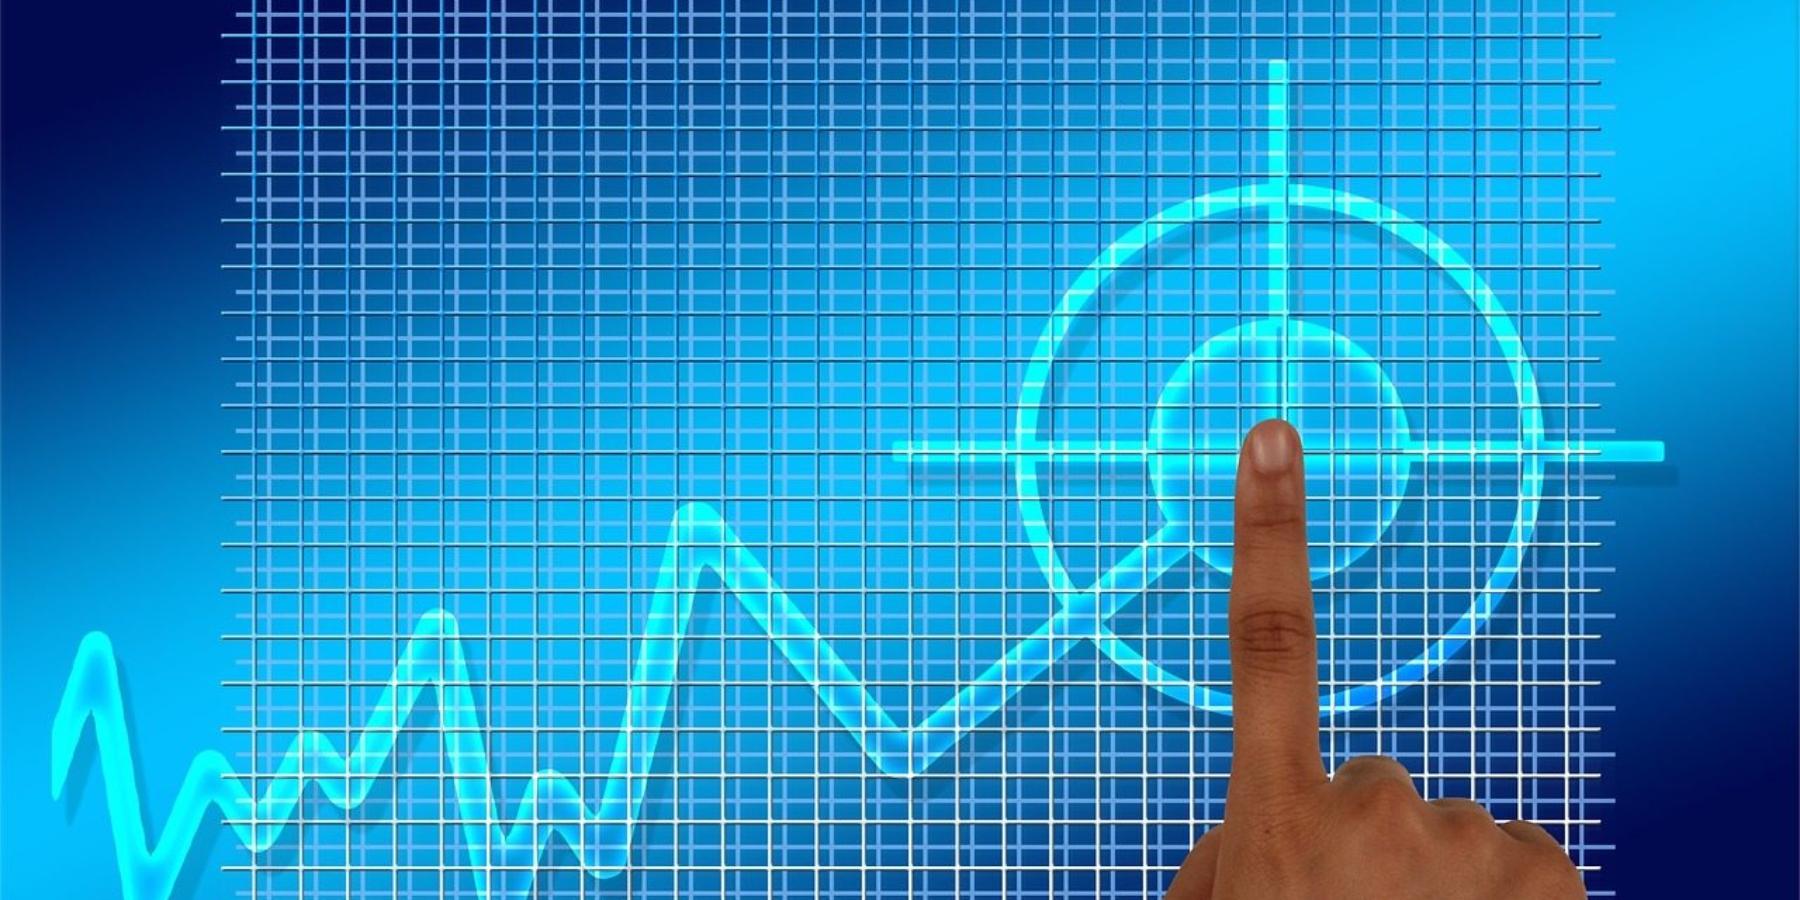 Czymarketerzy nadążają zazmianami? Raport: Nowa rola marketingu